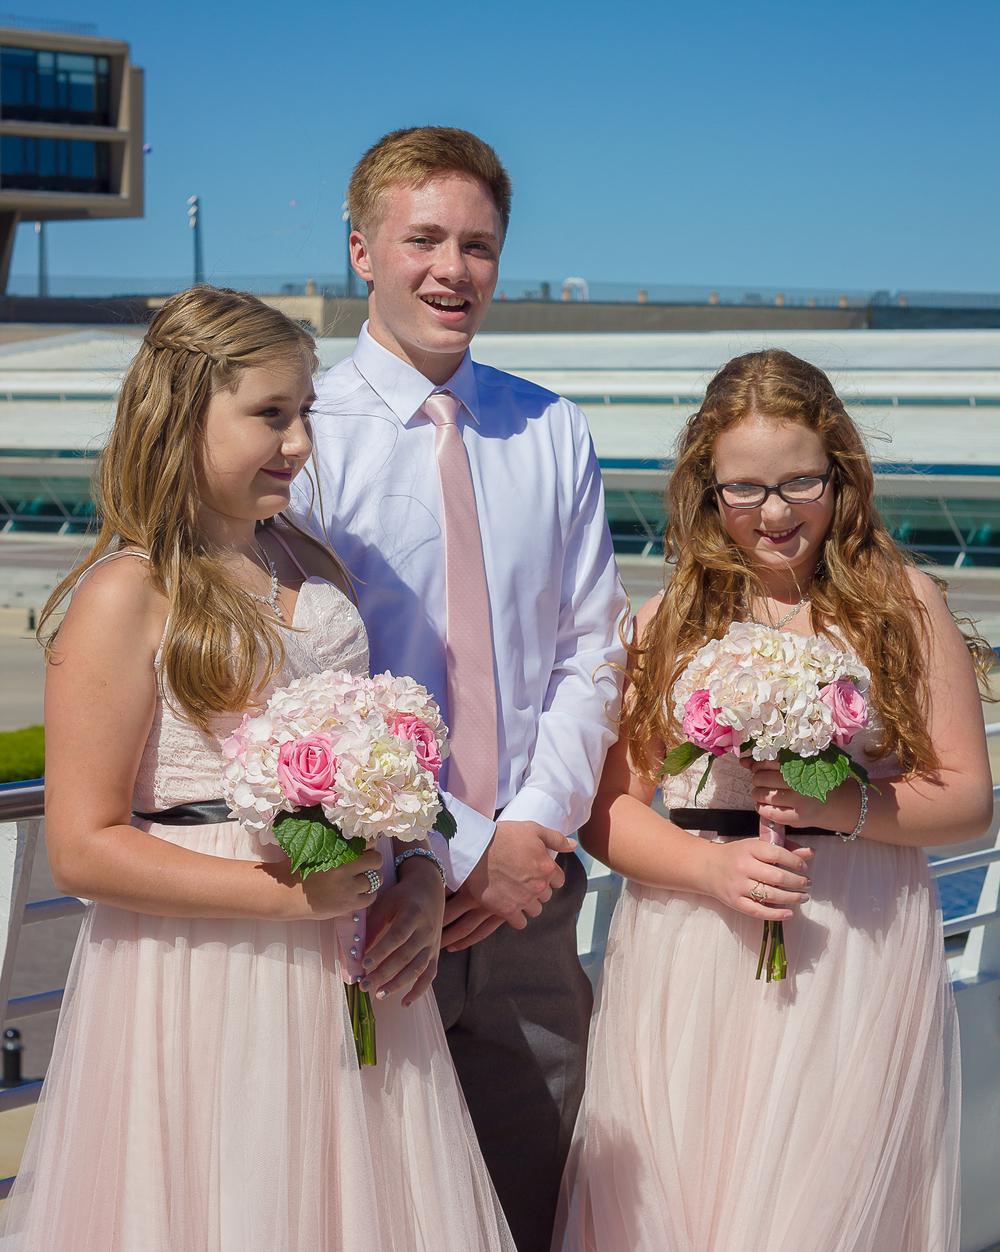 Dave + Tiffany Wedding Ceremony (8 of 259).jpg